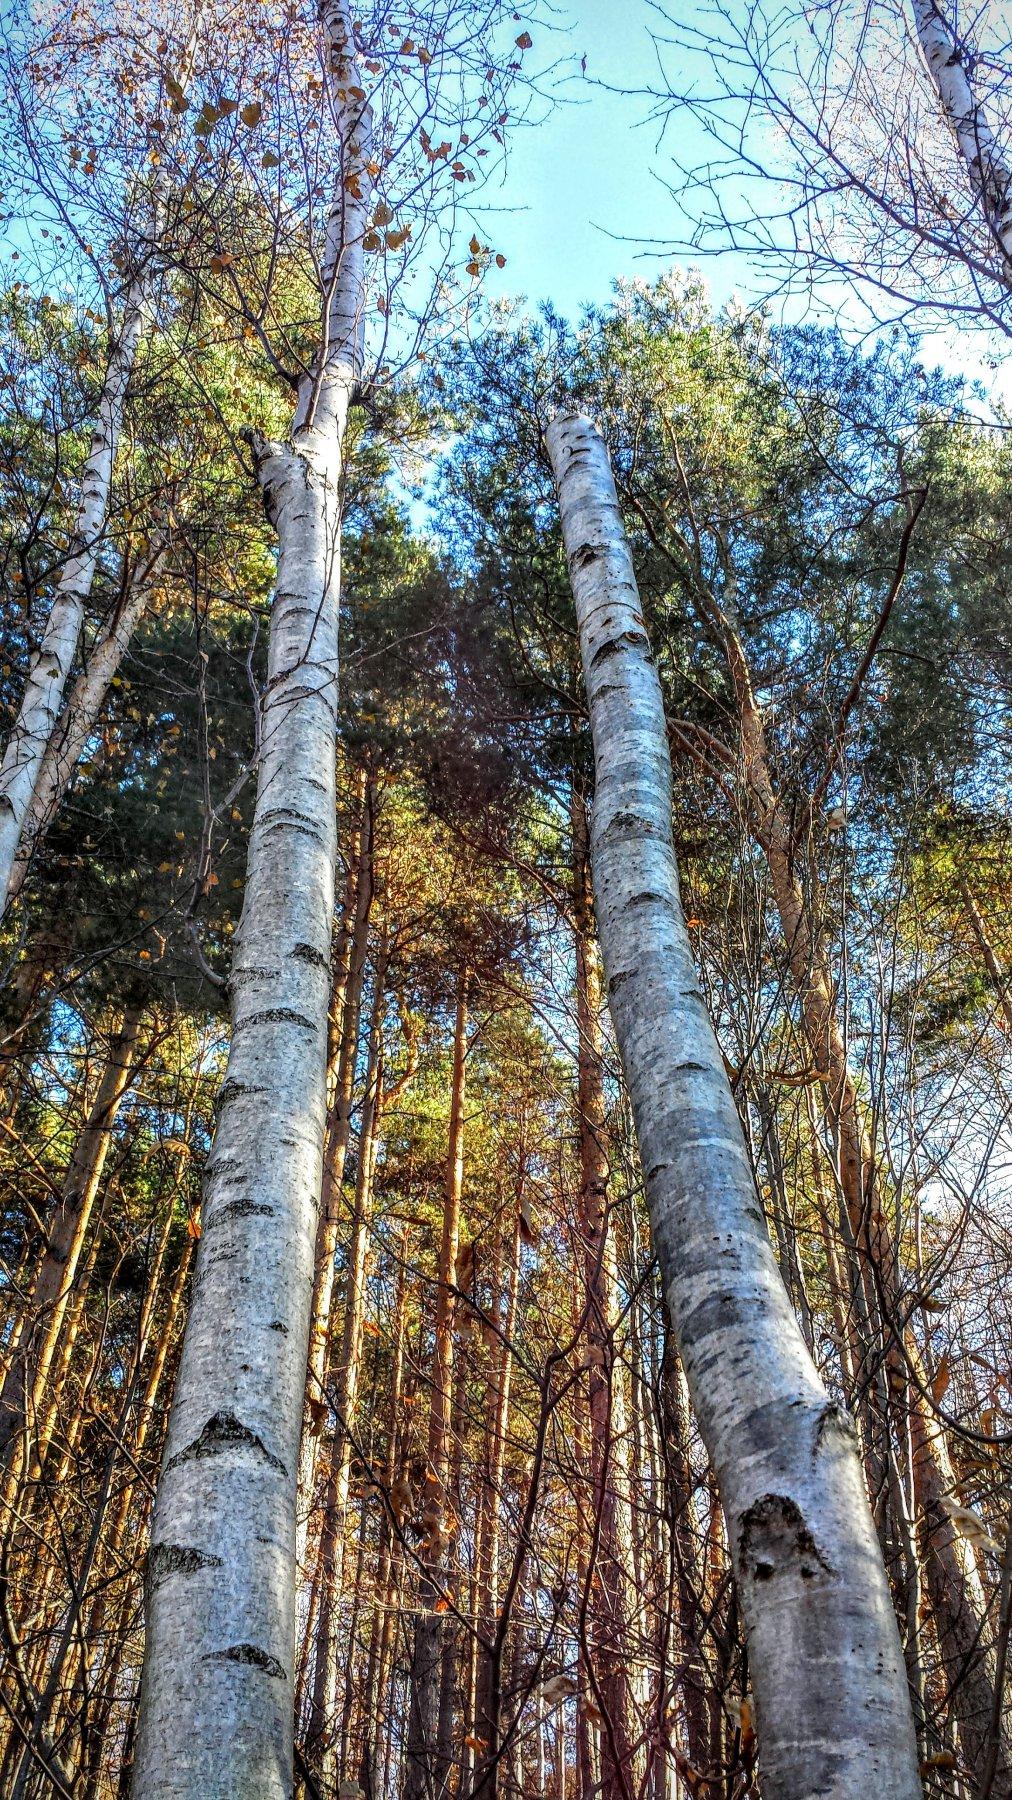 boschi vicino a colle dell'eremita